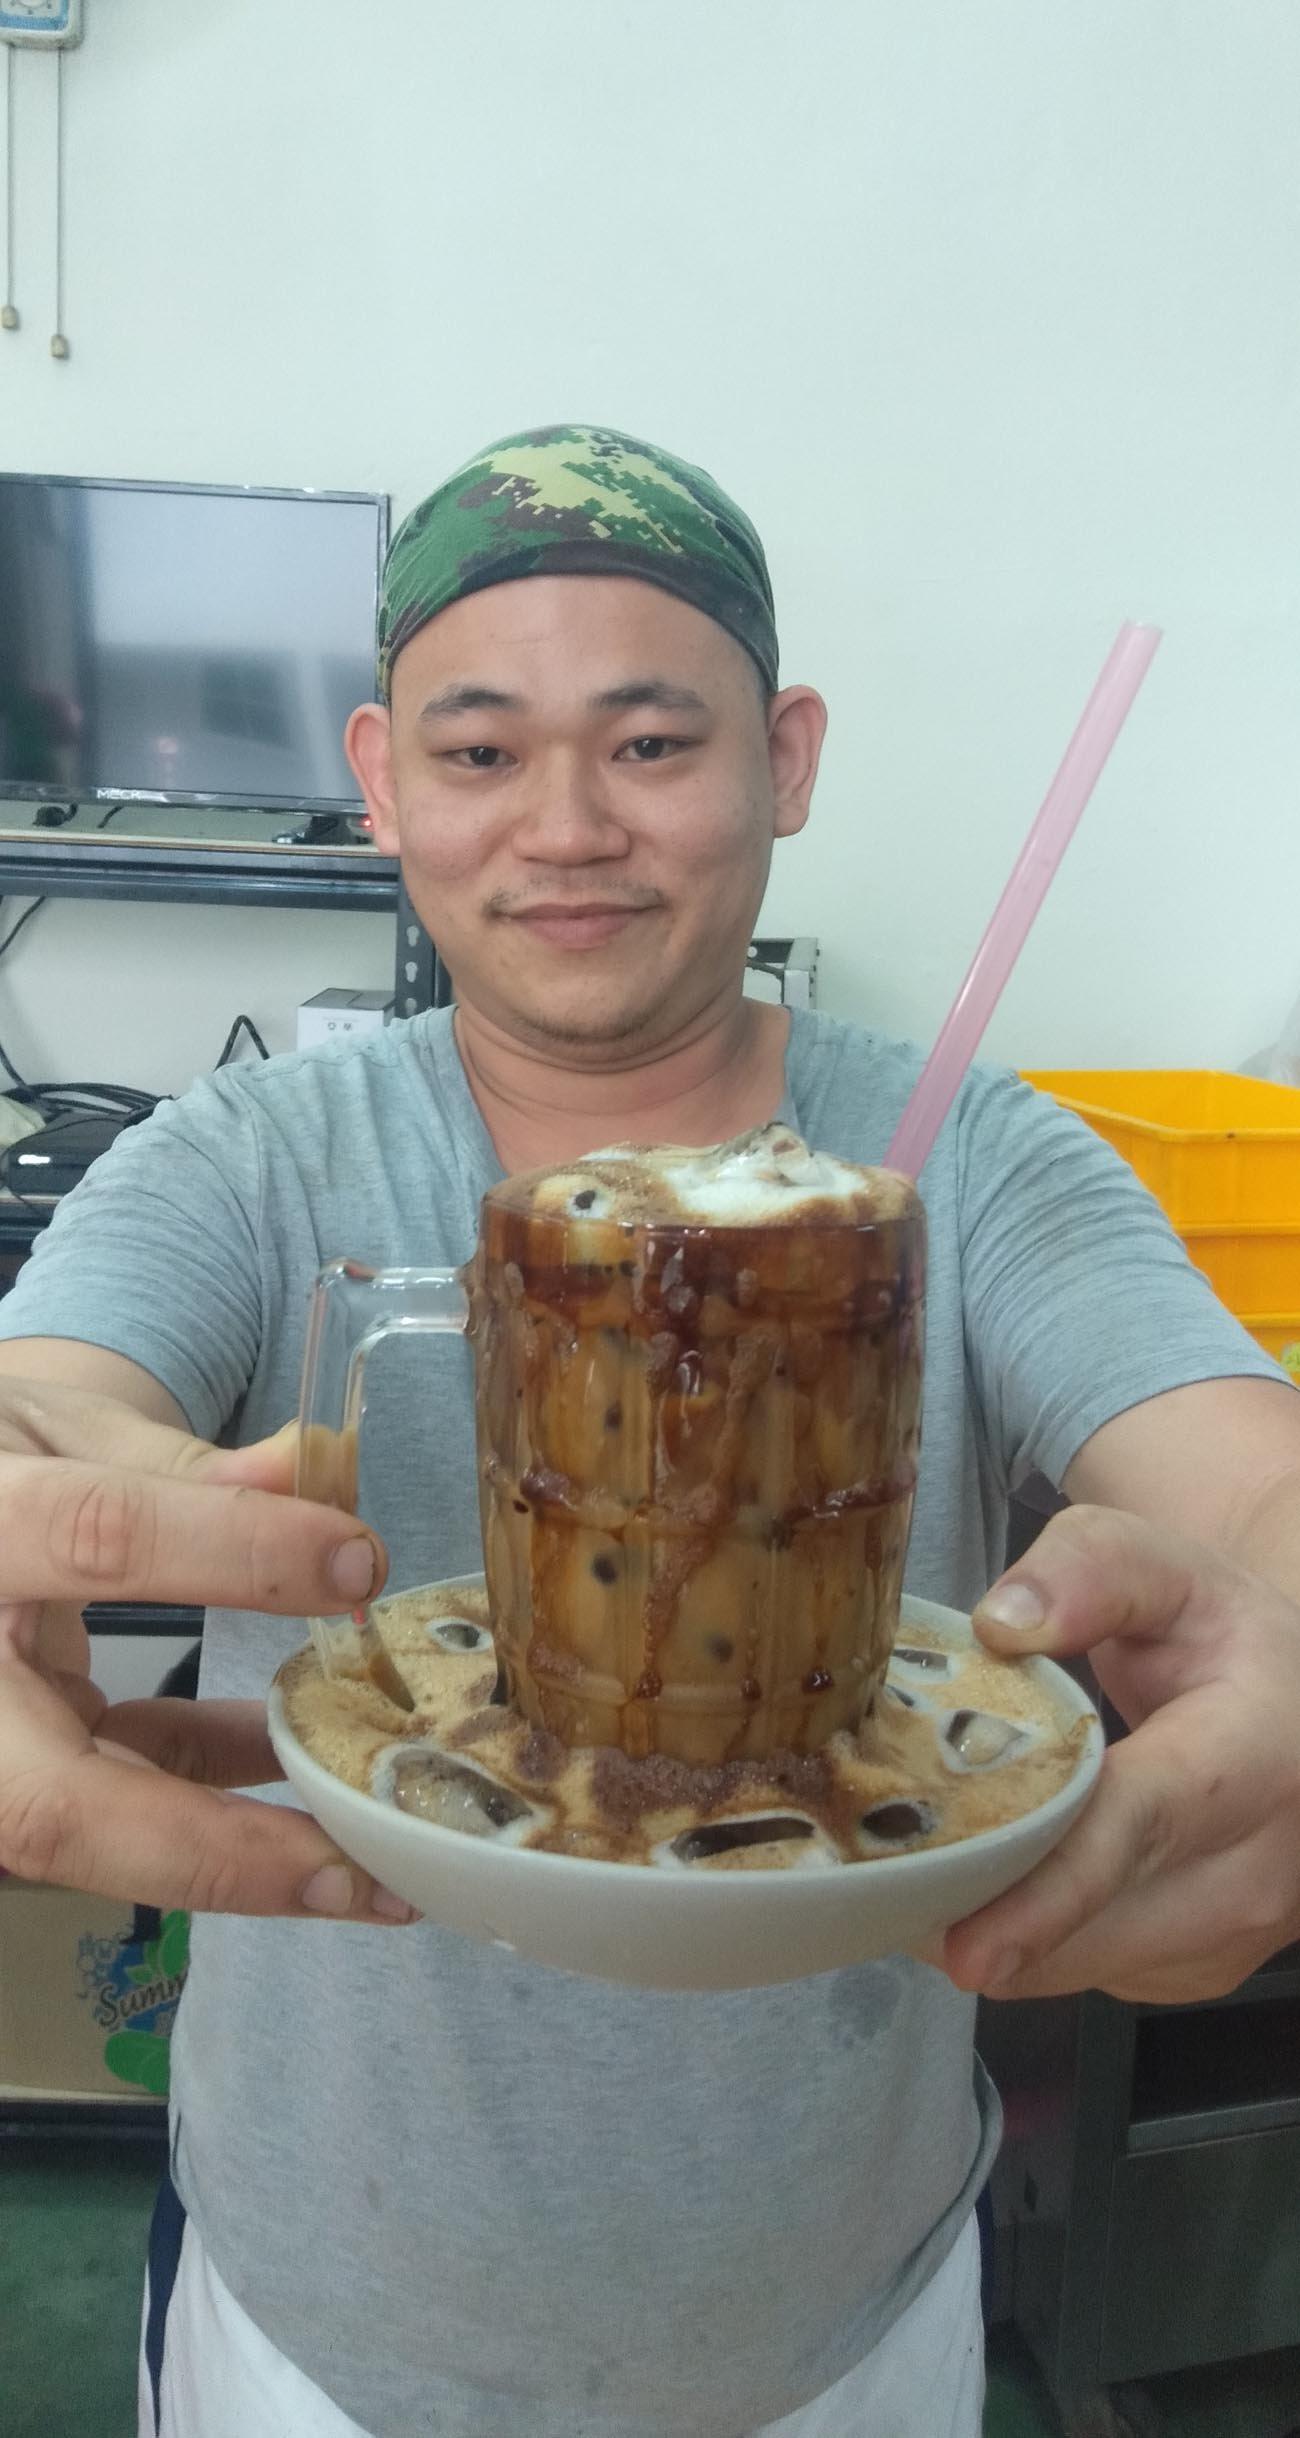 凭著前人的咖啡加盐冲泡法,吴荣平自行研发出独特风味的咸咖啡,结果在近日掀起风潮。